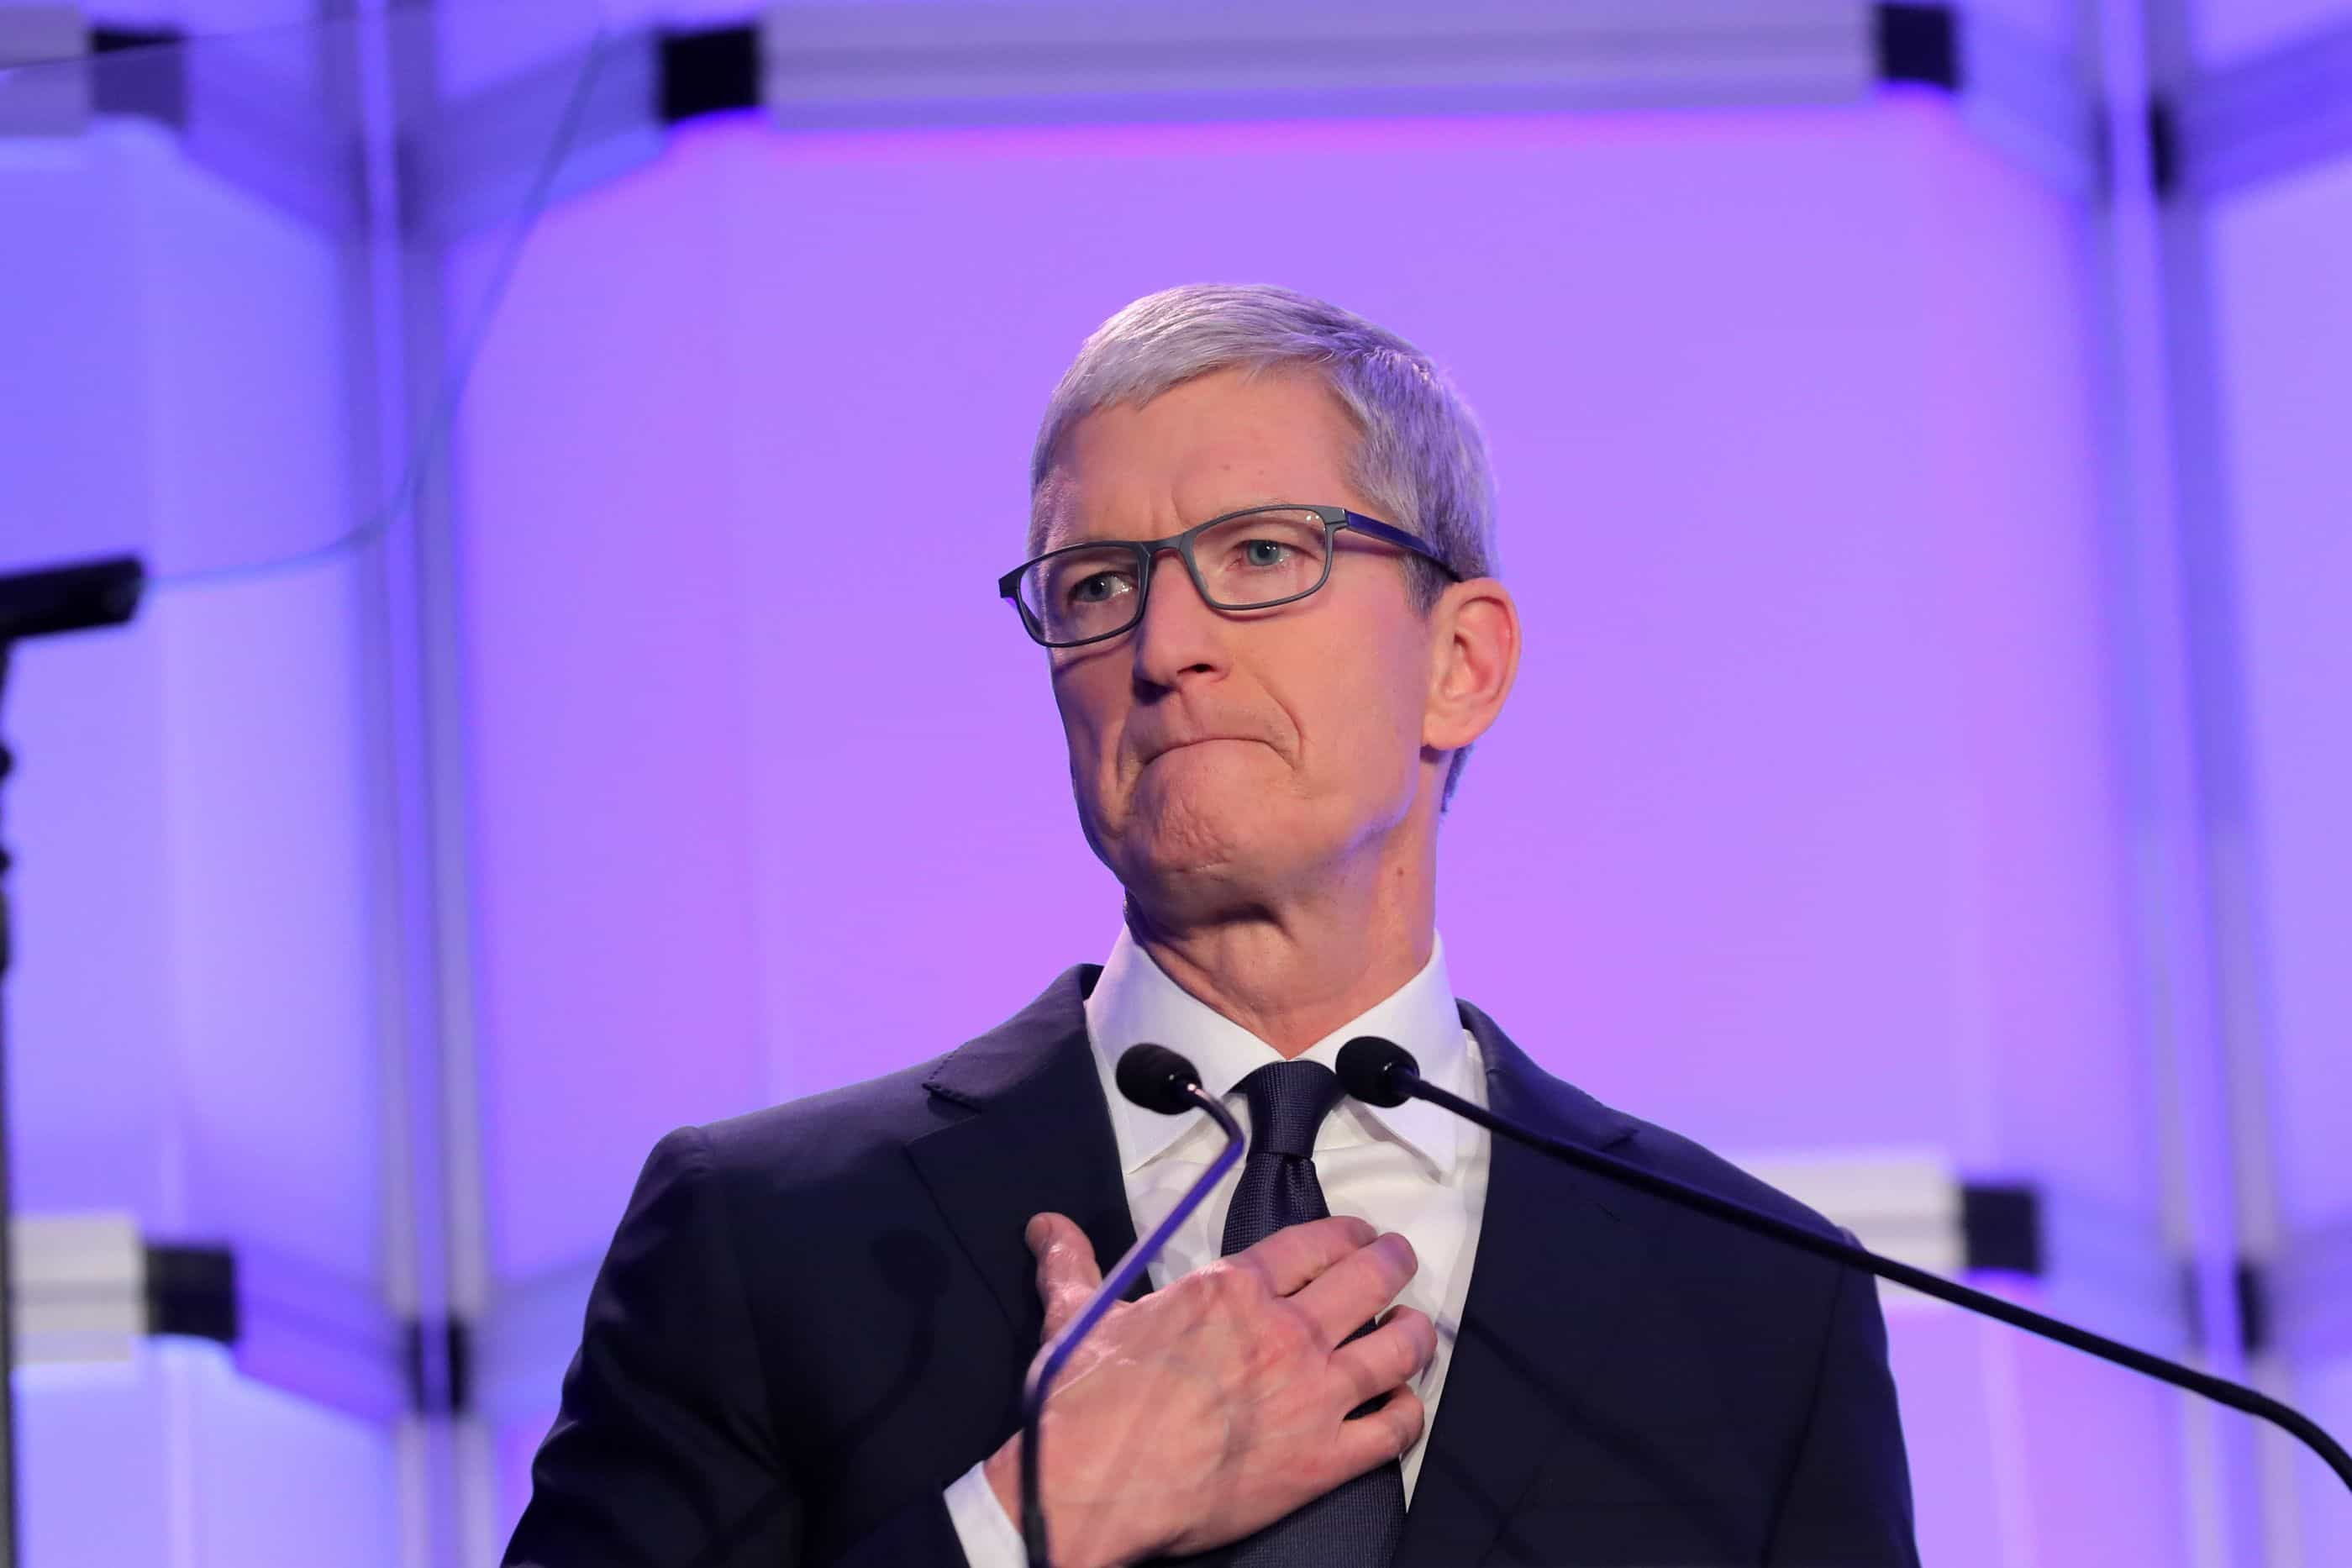 Discurso de ódio? 'Não tem lugar na nossa plataforma', diz CEO da Apple